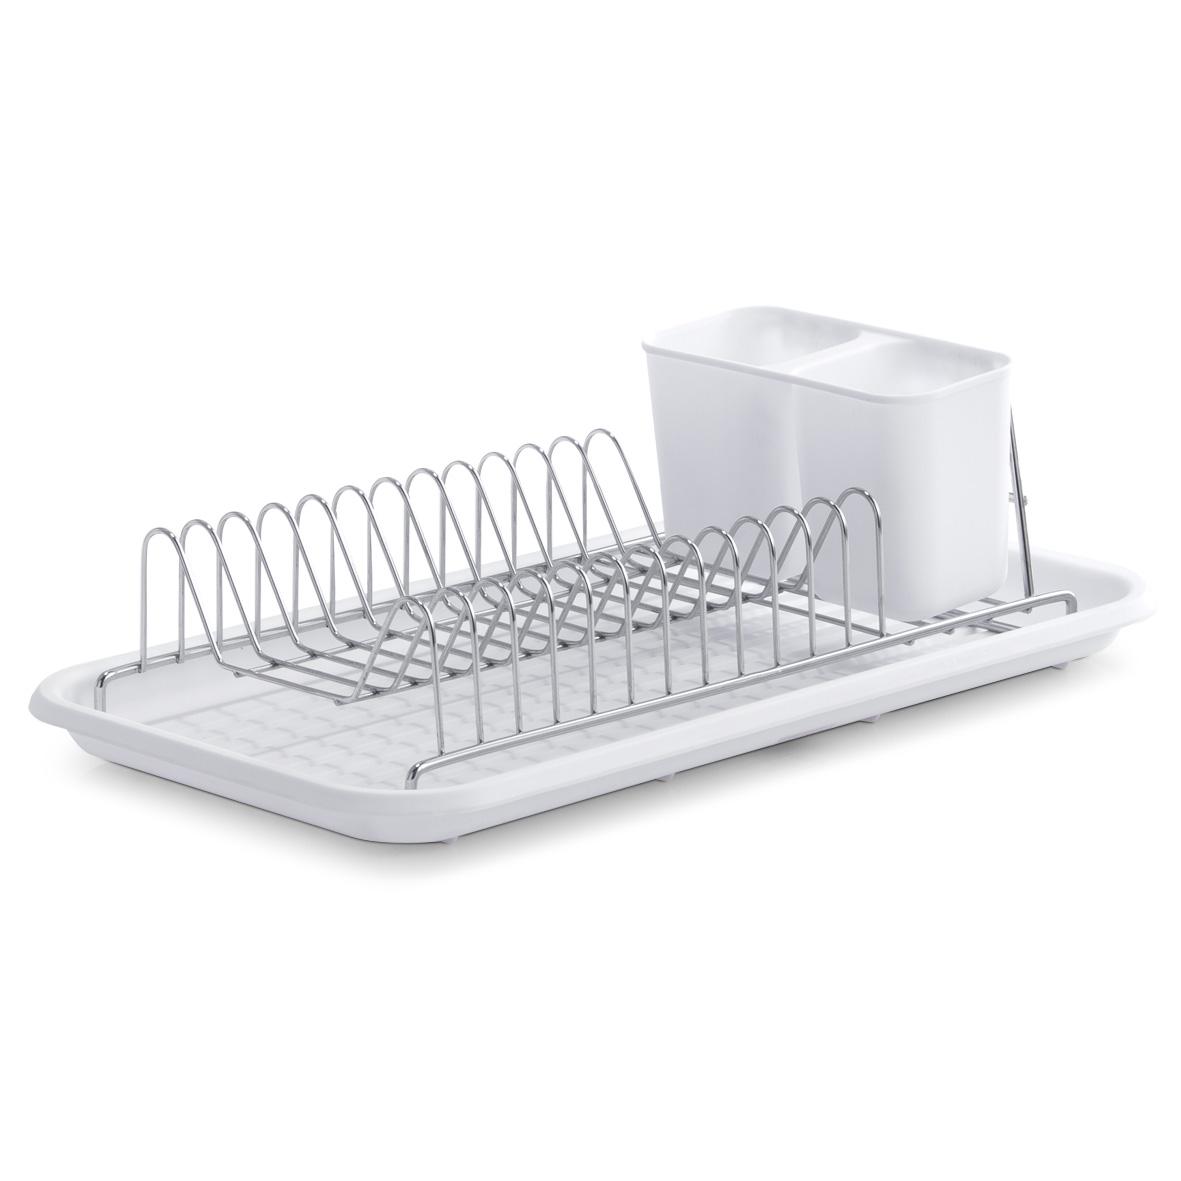 Сушилка для посуды Zeller, цвет: белый, 44 х 24 х 12 см24892Сушилка для посуды Zeller выполнена из нержавеющей стали с хромированным покрытием и оснащена пластиковым поддоном и подставкой для приборов. В сушилке предусмотрены отделения для тарелок и для столовых приборов. Отделение для столовых приборов, разделенное на две секции, при необходимости вынимается. Благодаряконструкции с вместительным поддоном для сбора воды, вы не будете тратить время на вытирание посуды после мытья. Стильный, современный и лаконичный дизайн сделает сушилку Zeller прекраснымдополнением интерьера вашей кухни.